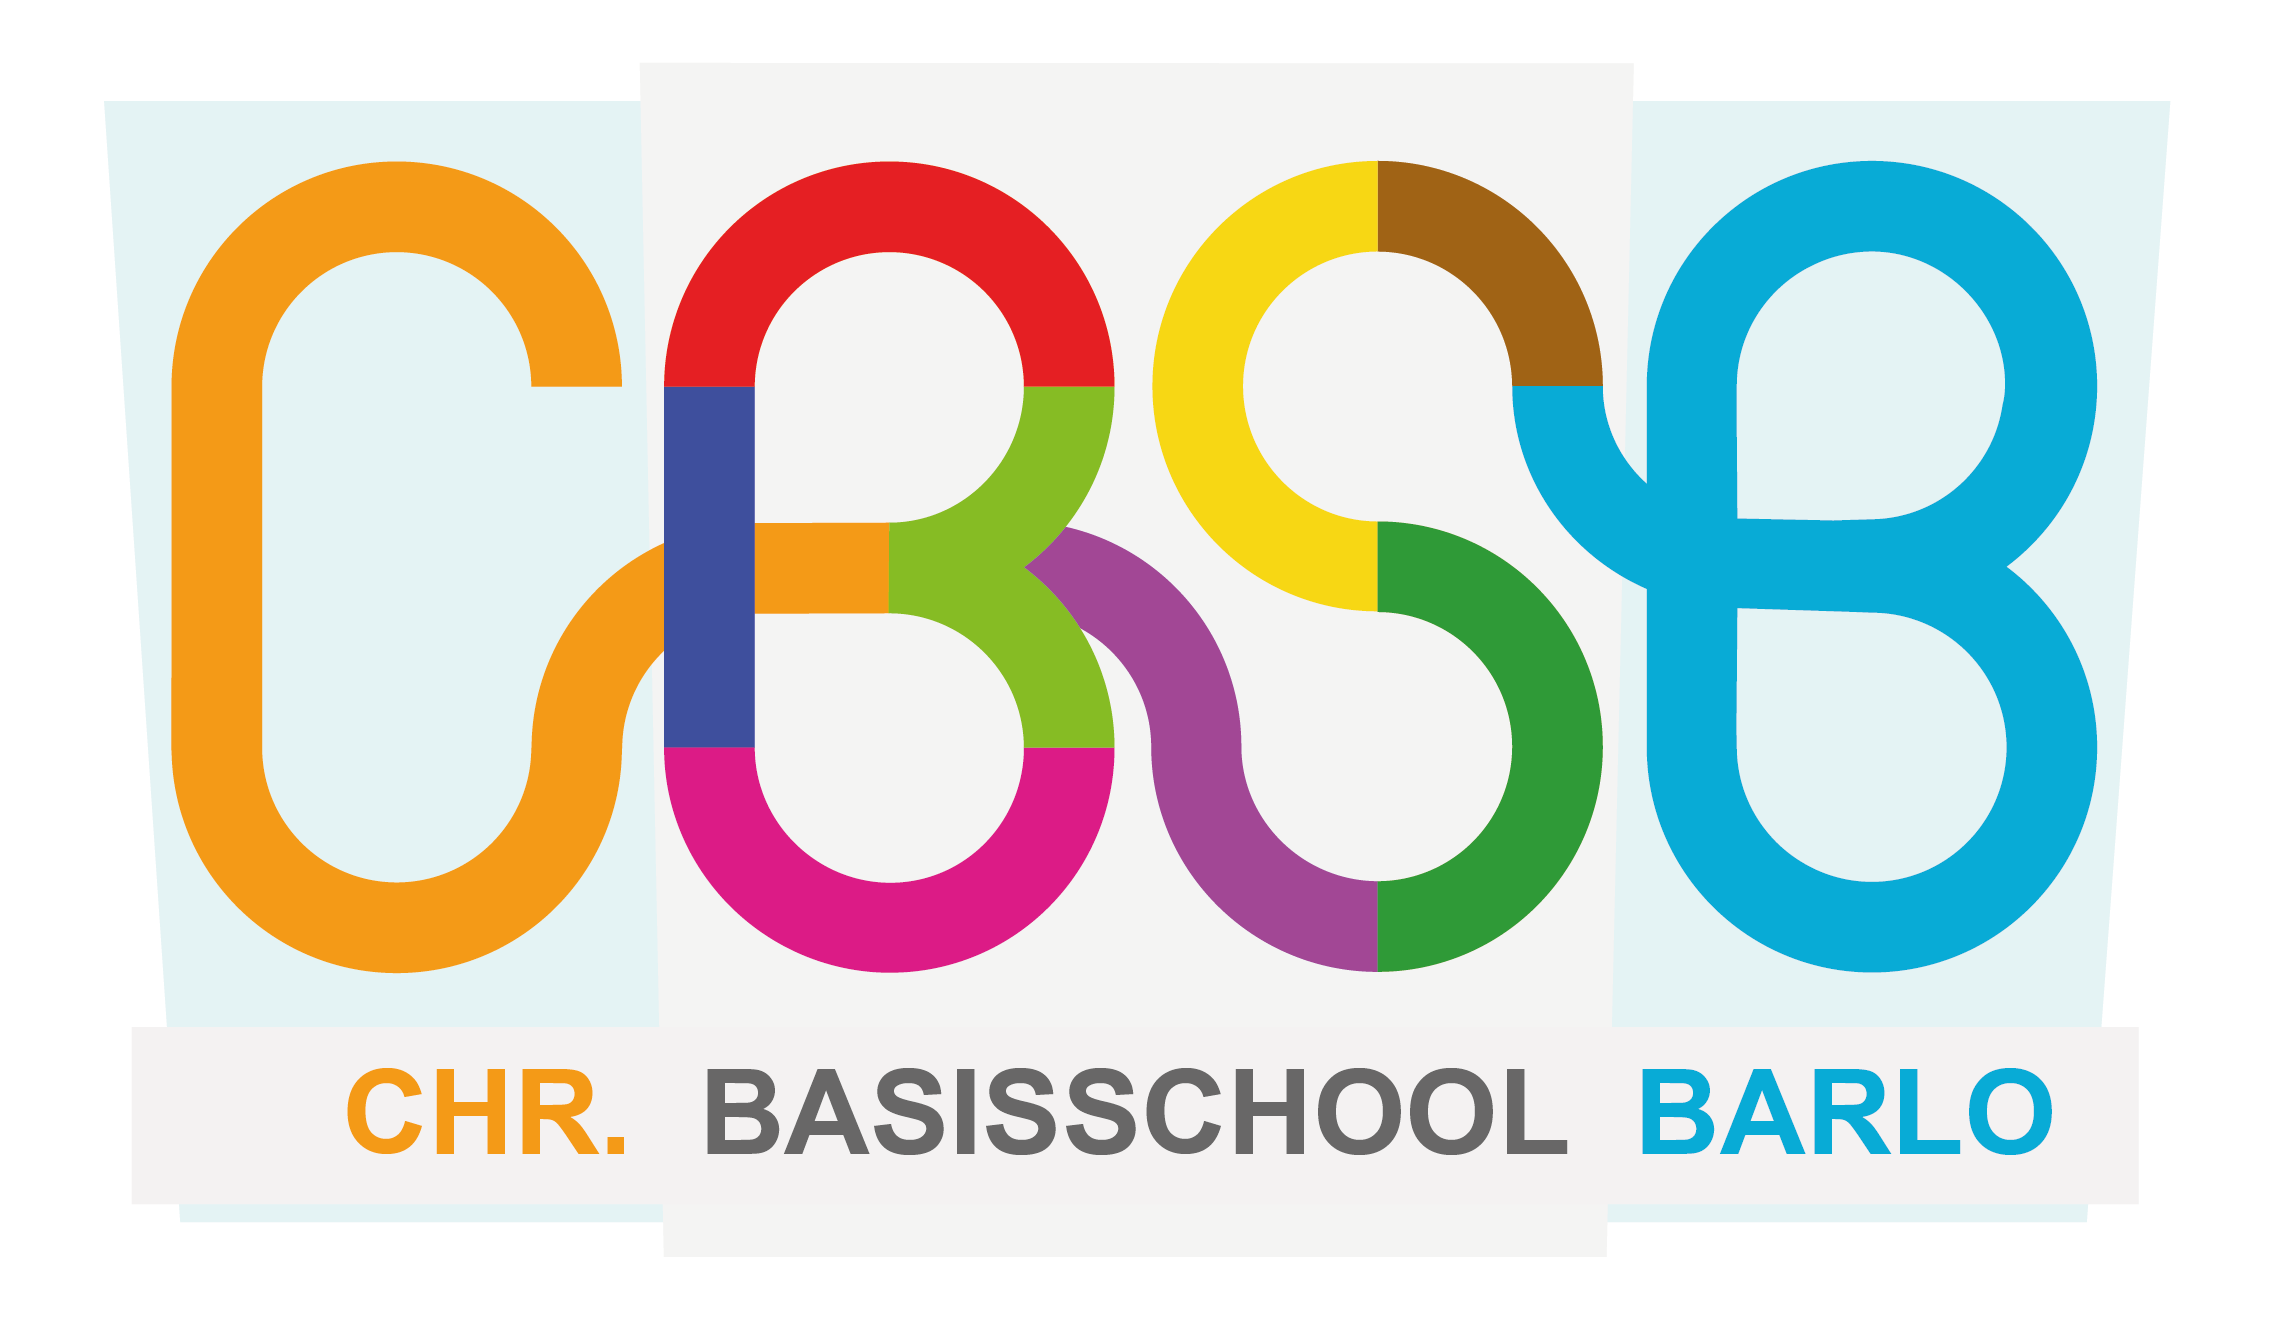 CBS Barlo